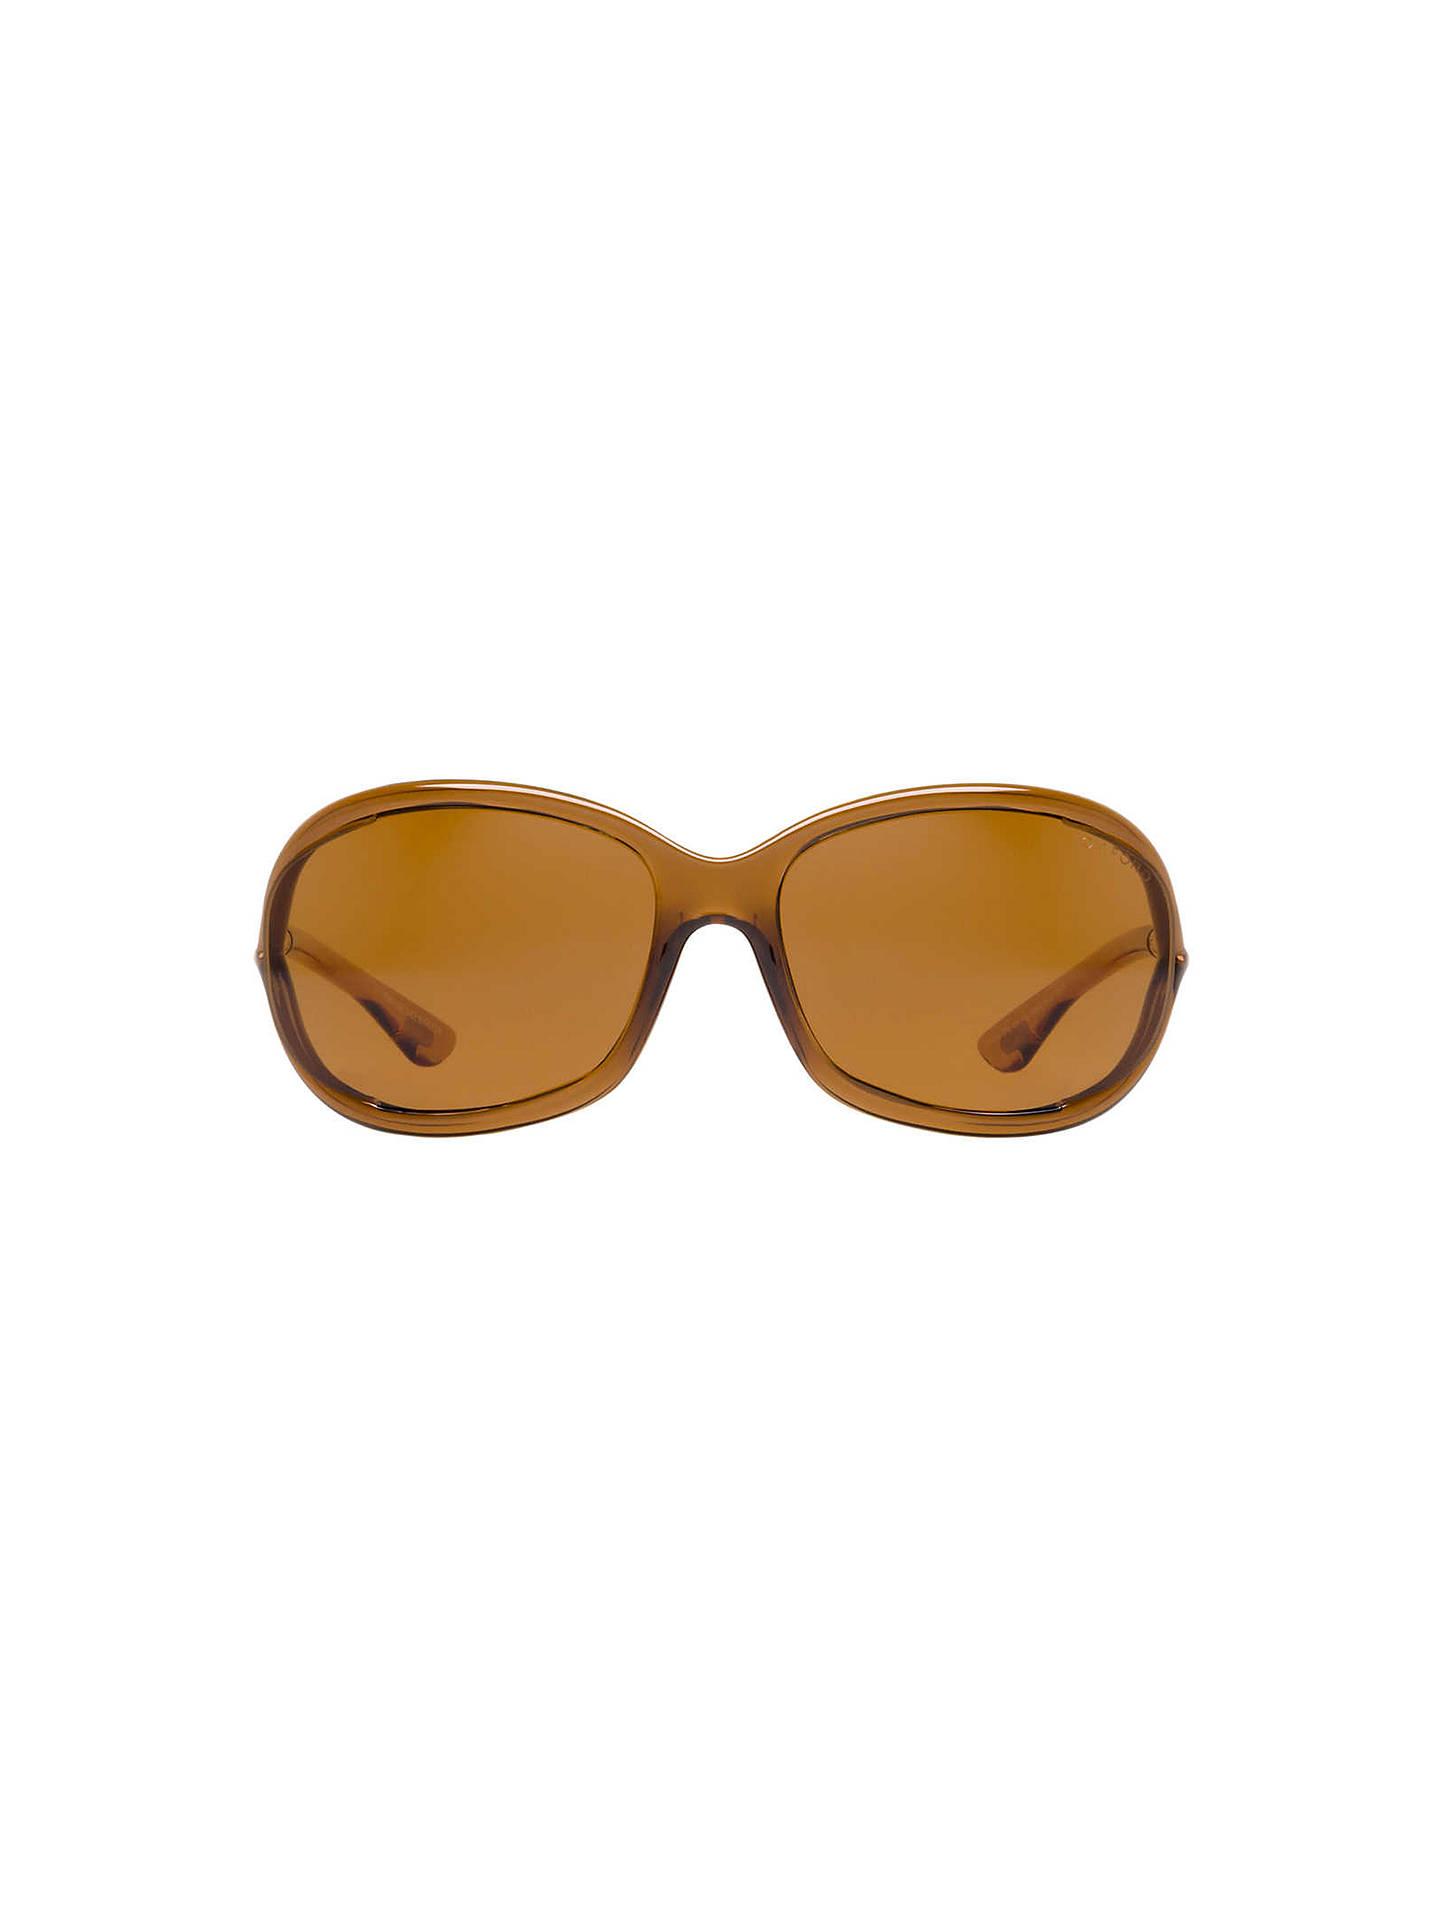 386633cf567f ... Buy TOM FORD FT0008 48H Cat's Eye Sunglasses, Tortoiseshell Online at  johnlewis. ...